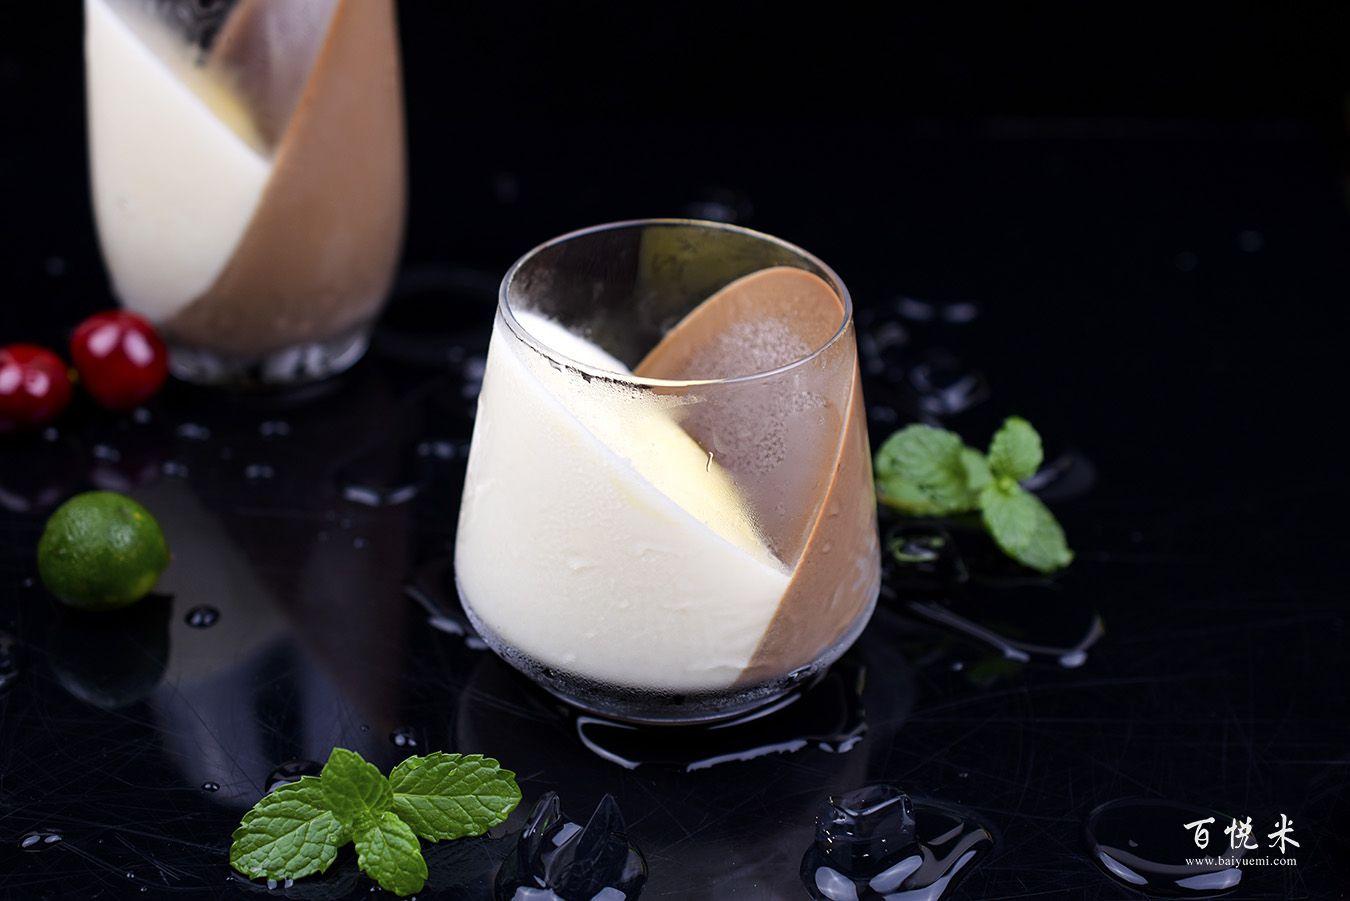 巧克力牛奶心形布丁的做法视频大全_西点培训学习教程